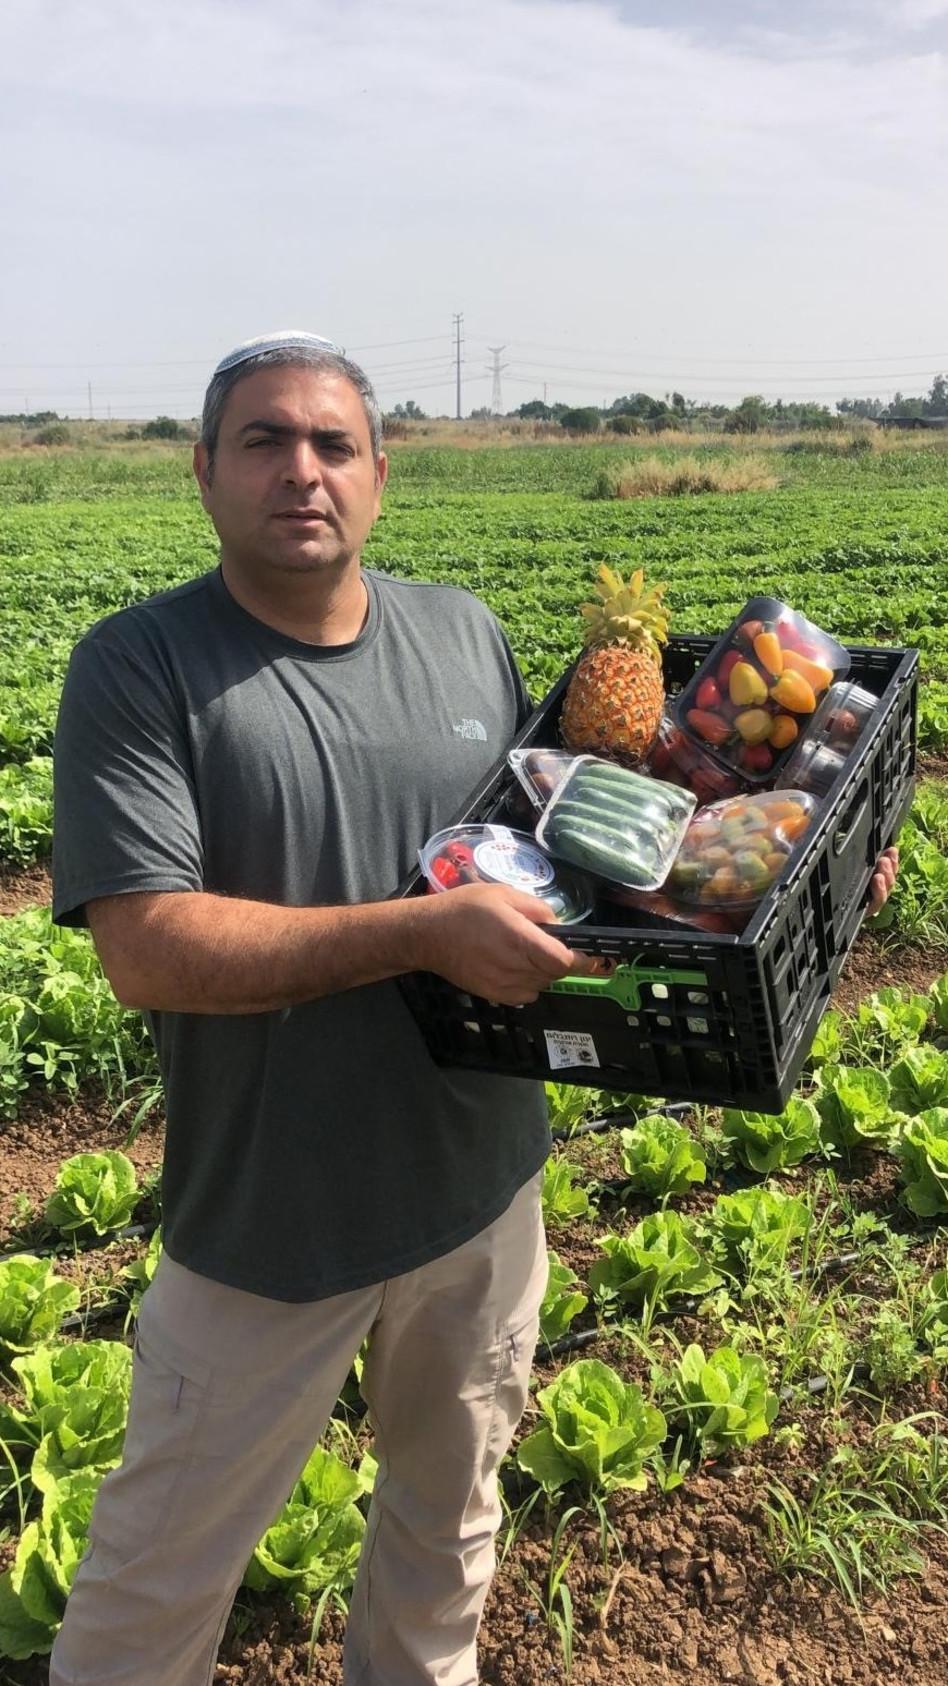 דודו מיכאלי - מגדל ירקות ליד קיבוץ כרמיה בדרום (צילום: פרטי)